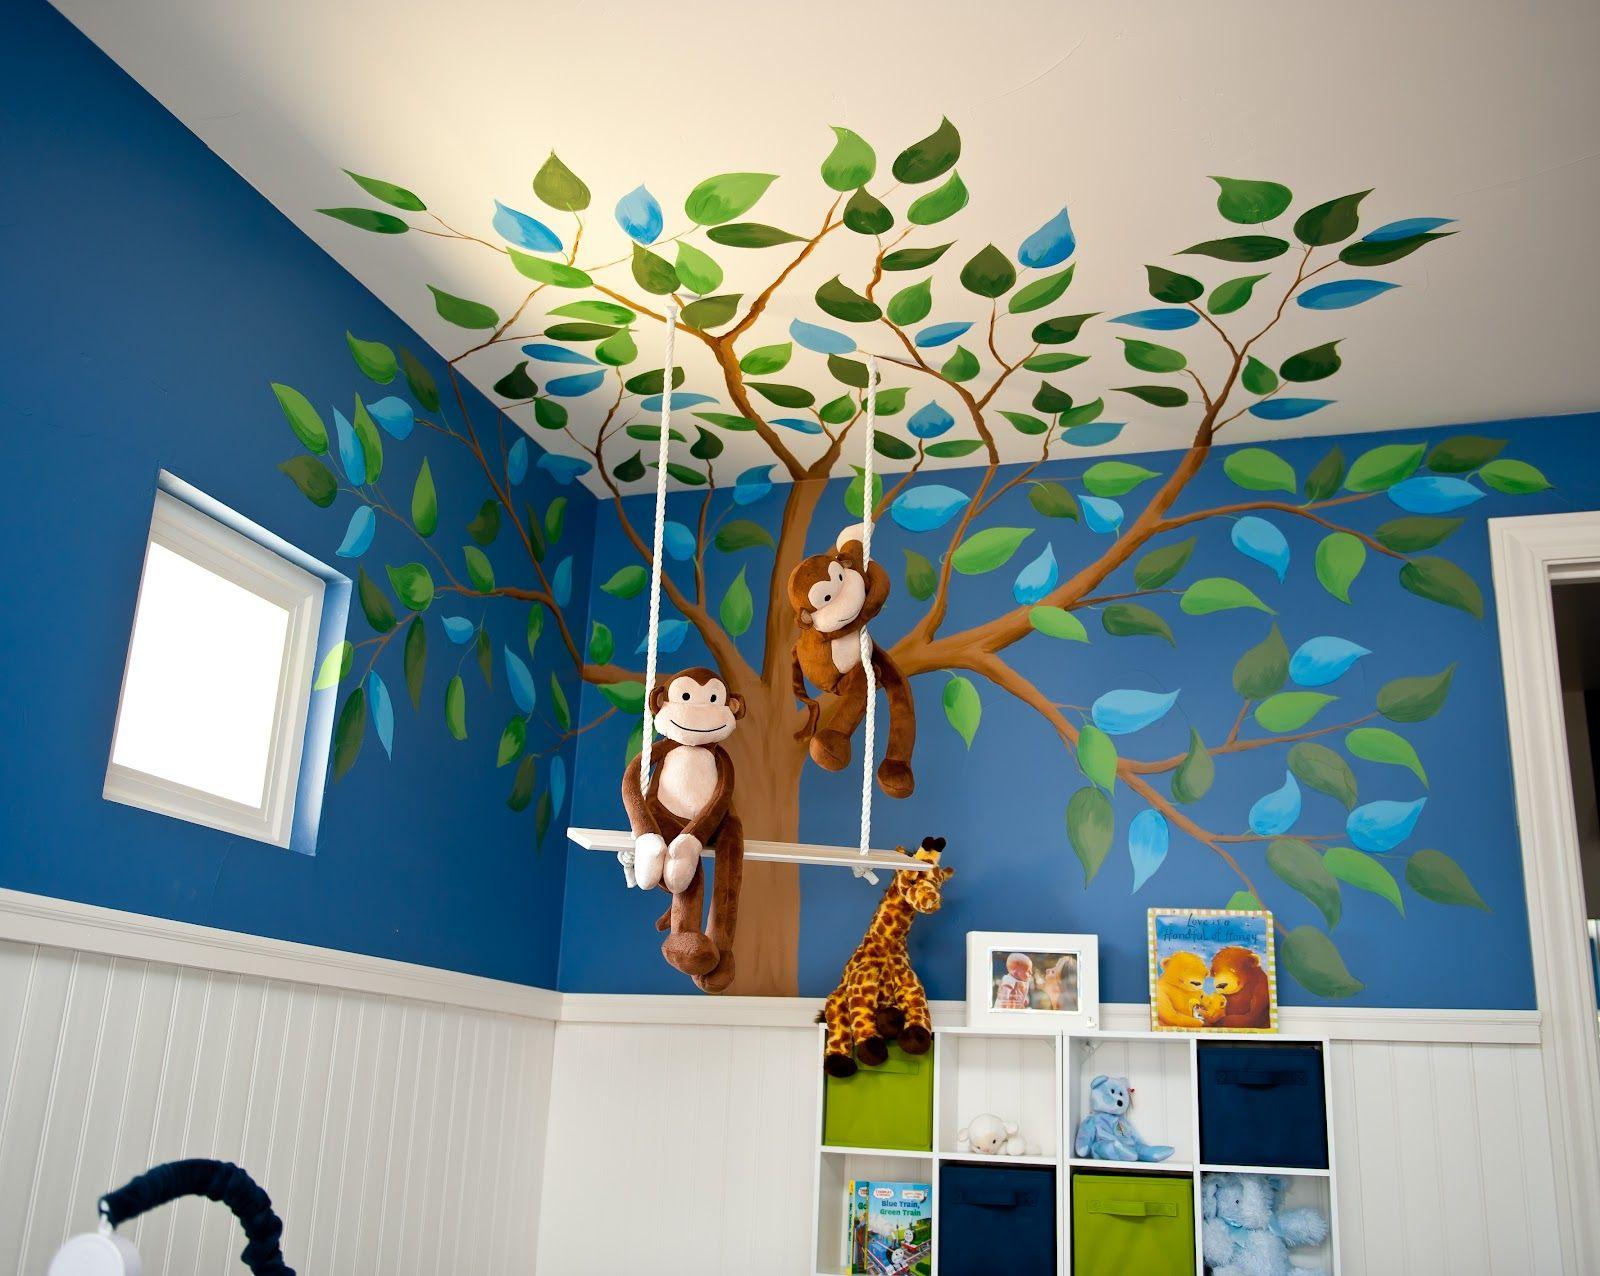 Modelo 2 cuarto ppal pinterest modelo bebe y cuarto - Decorar paredes habitacion bebe ...